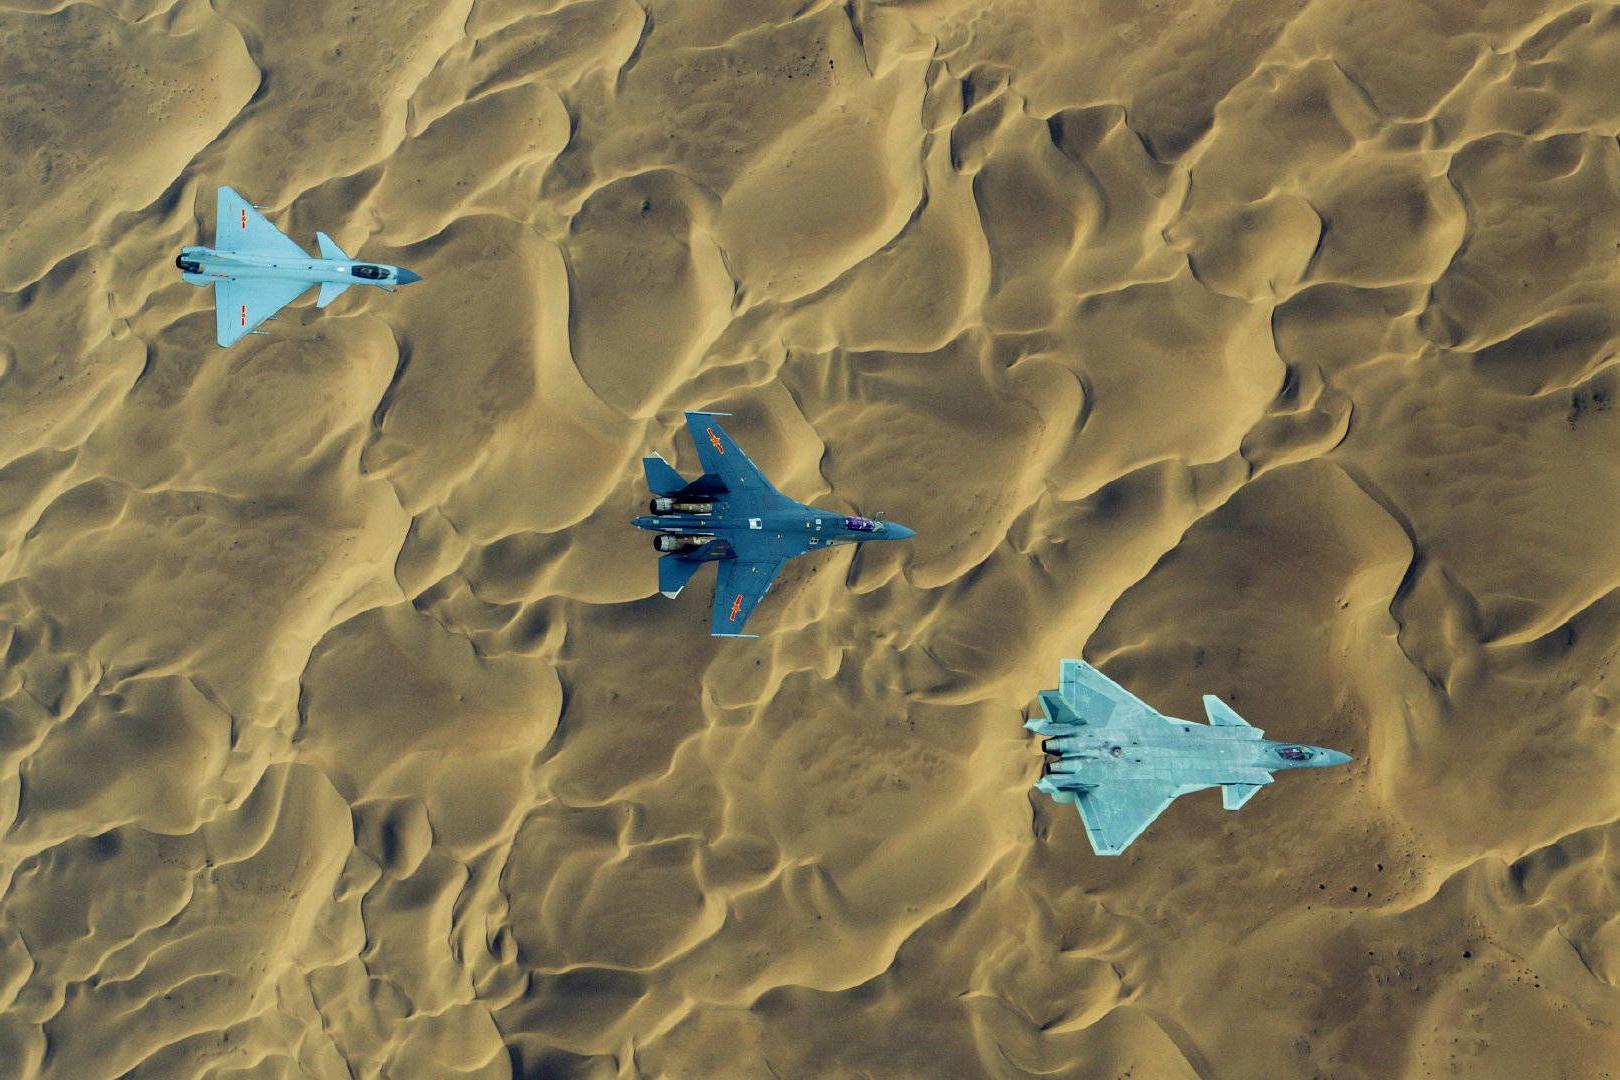 实力对比逆转:对岸战机江河日下,F-16V妄图对抗J-20徒增笑柄